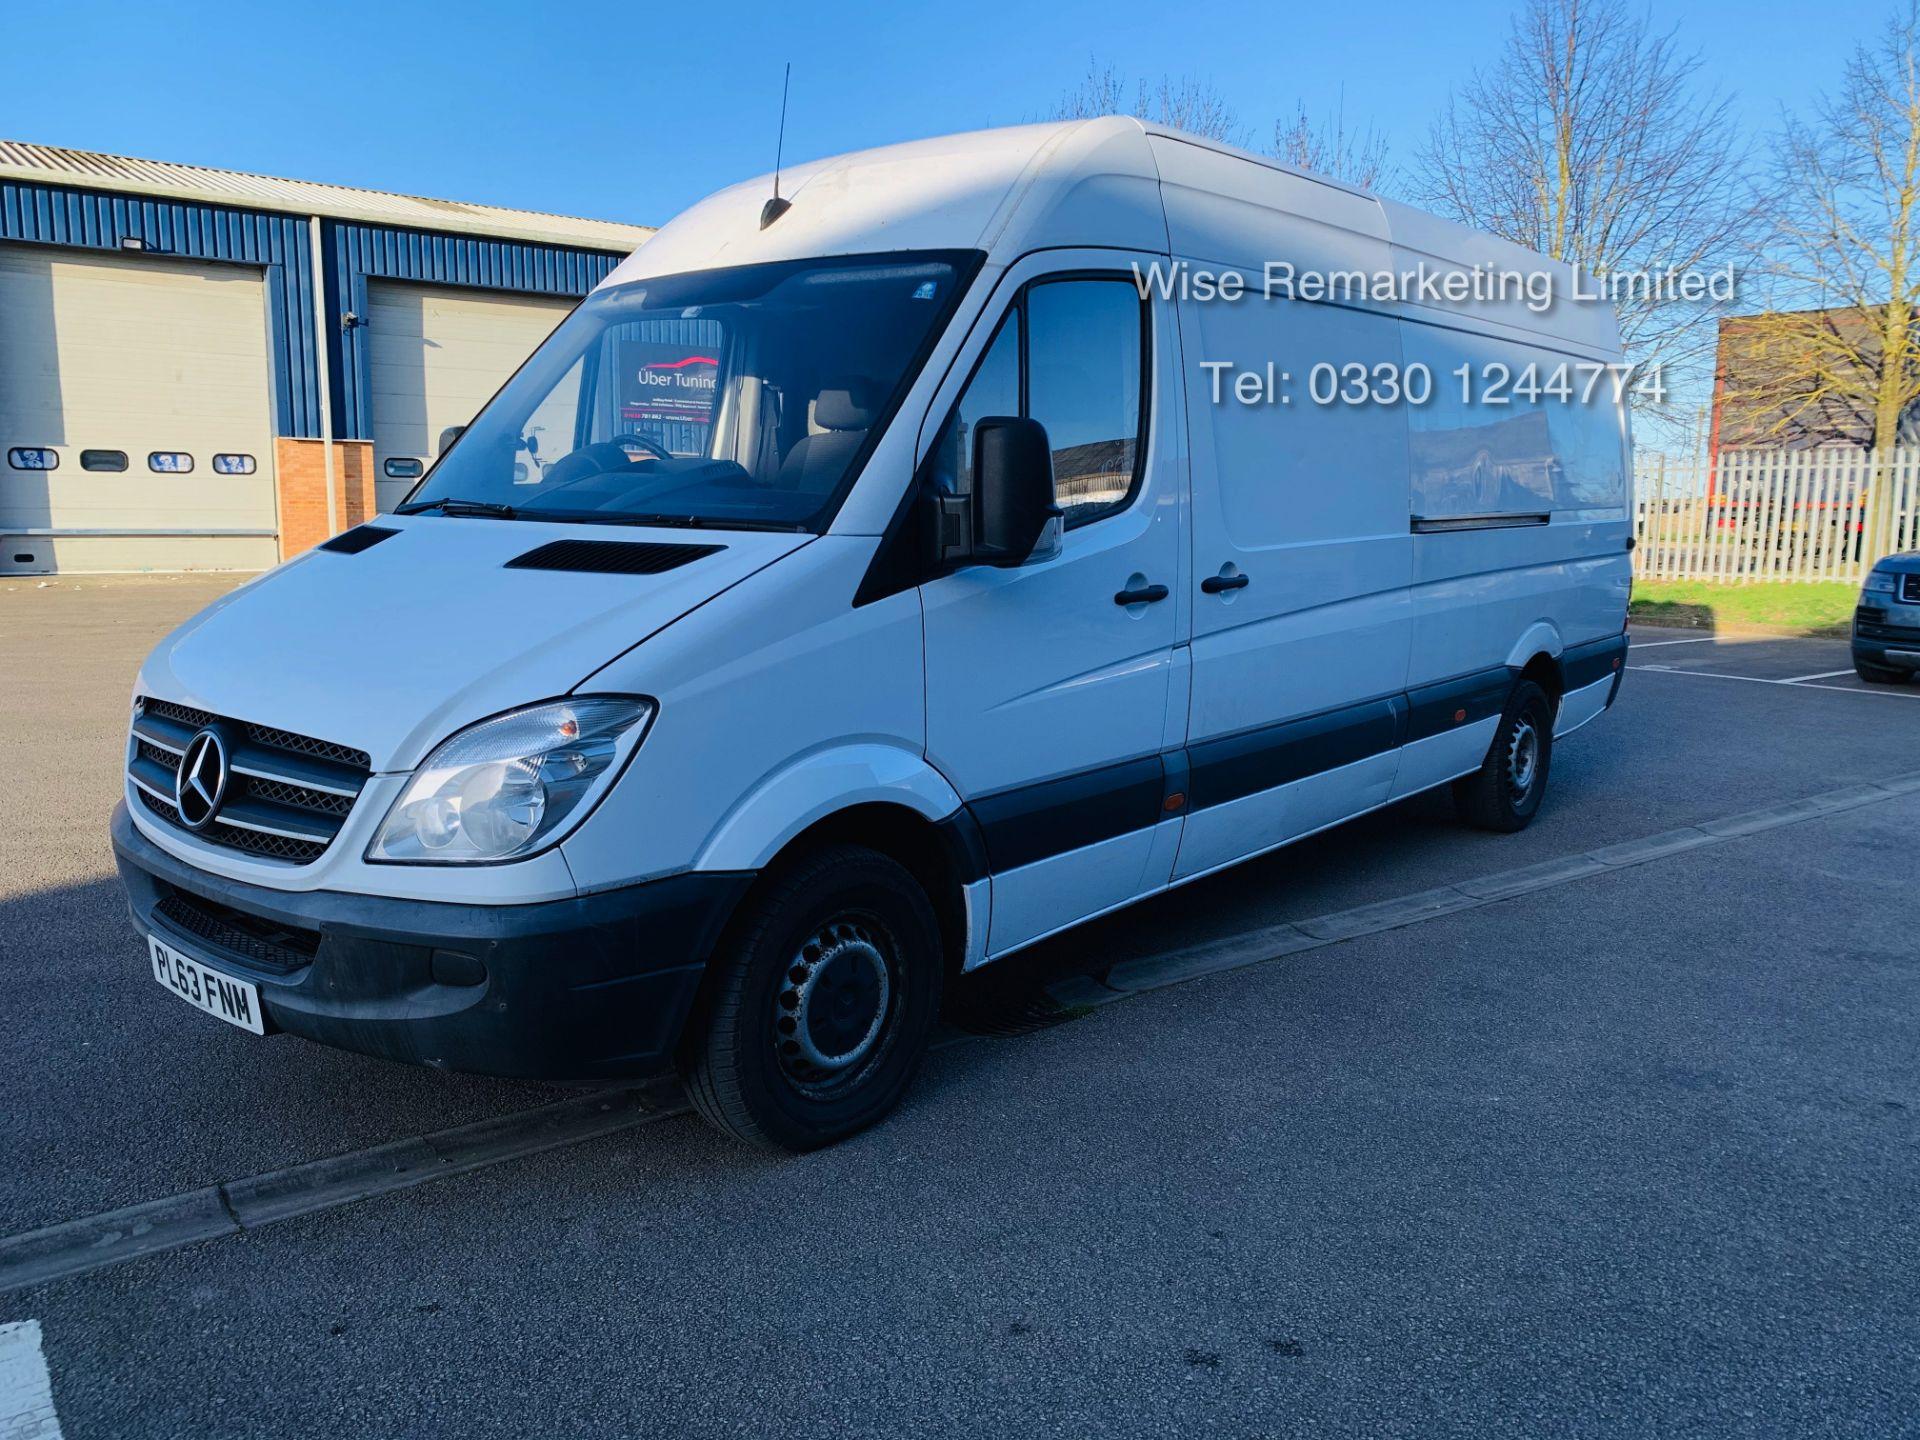 Lot 10 - (RESERVE MET) Mercedes Sprinter 316 2.1 CDI Long Wheel Base High Roof Van - 2014 Model - 1 Owner